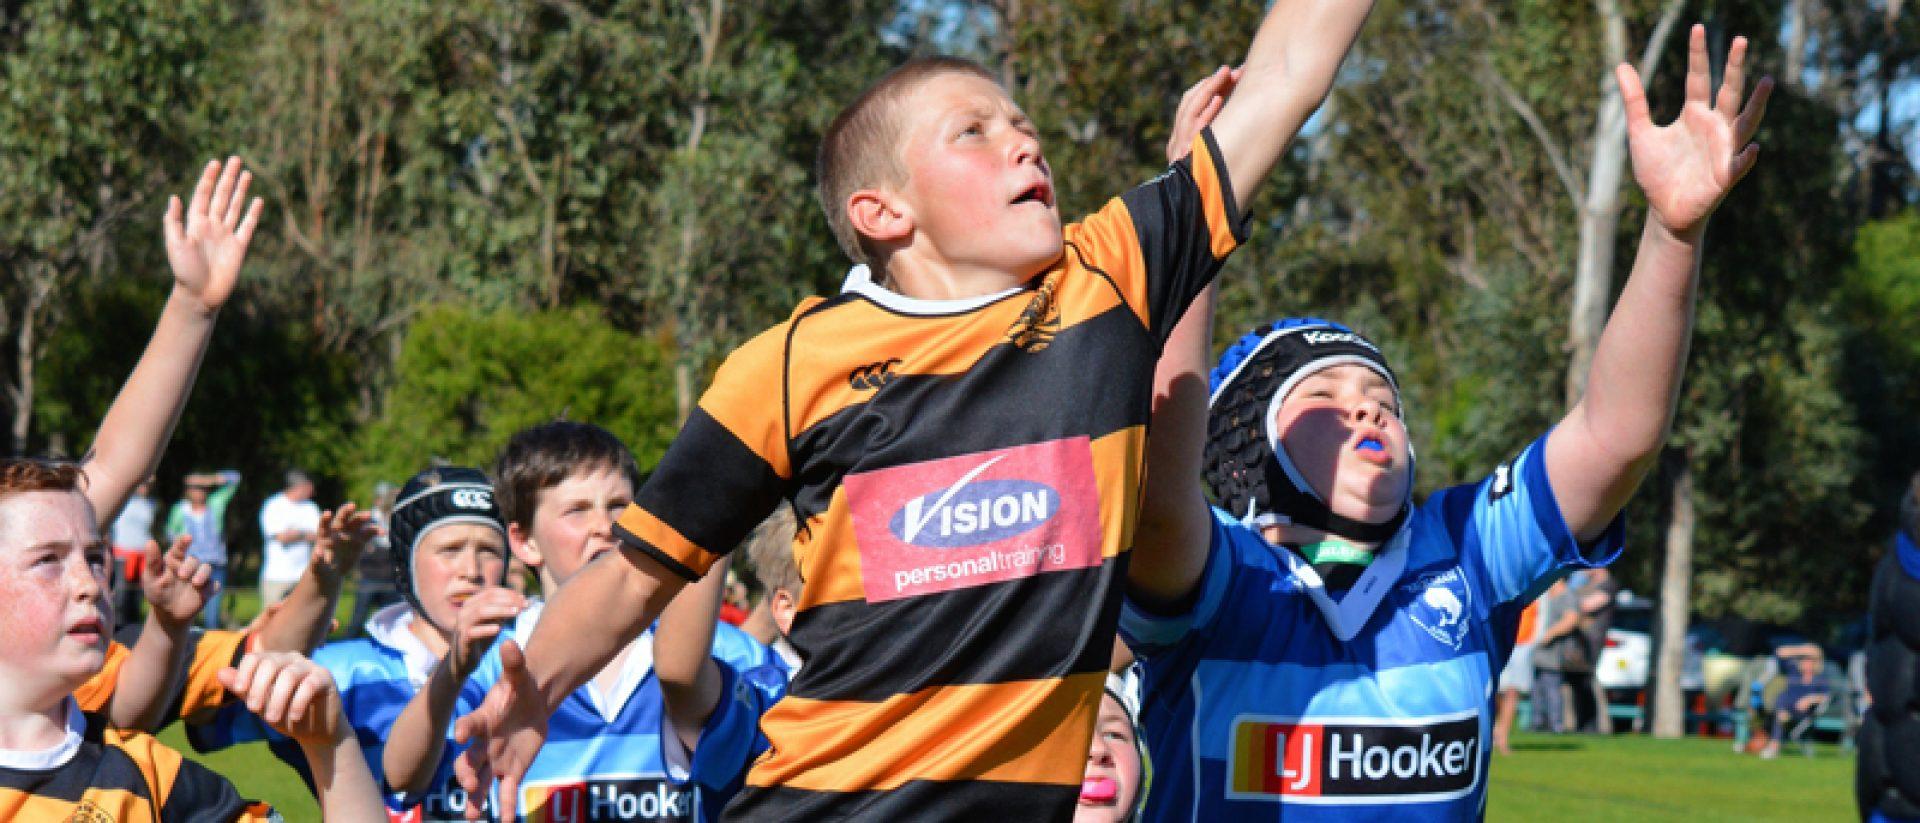 Sydney Junior Rugby Union